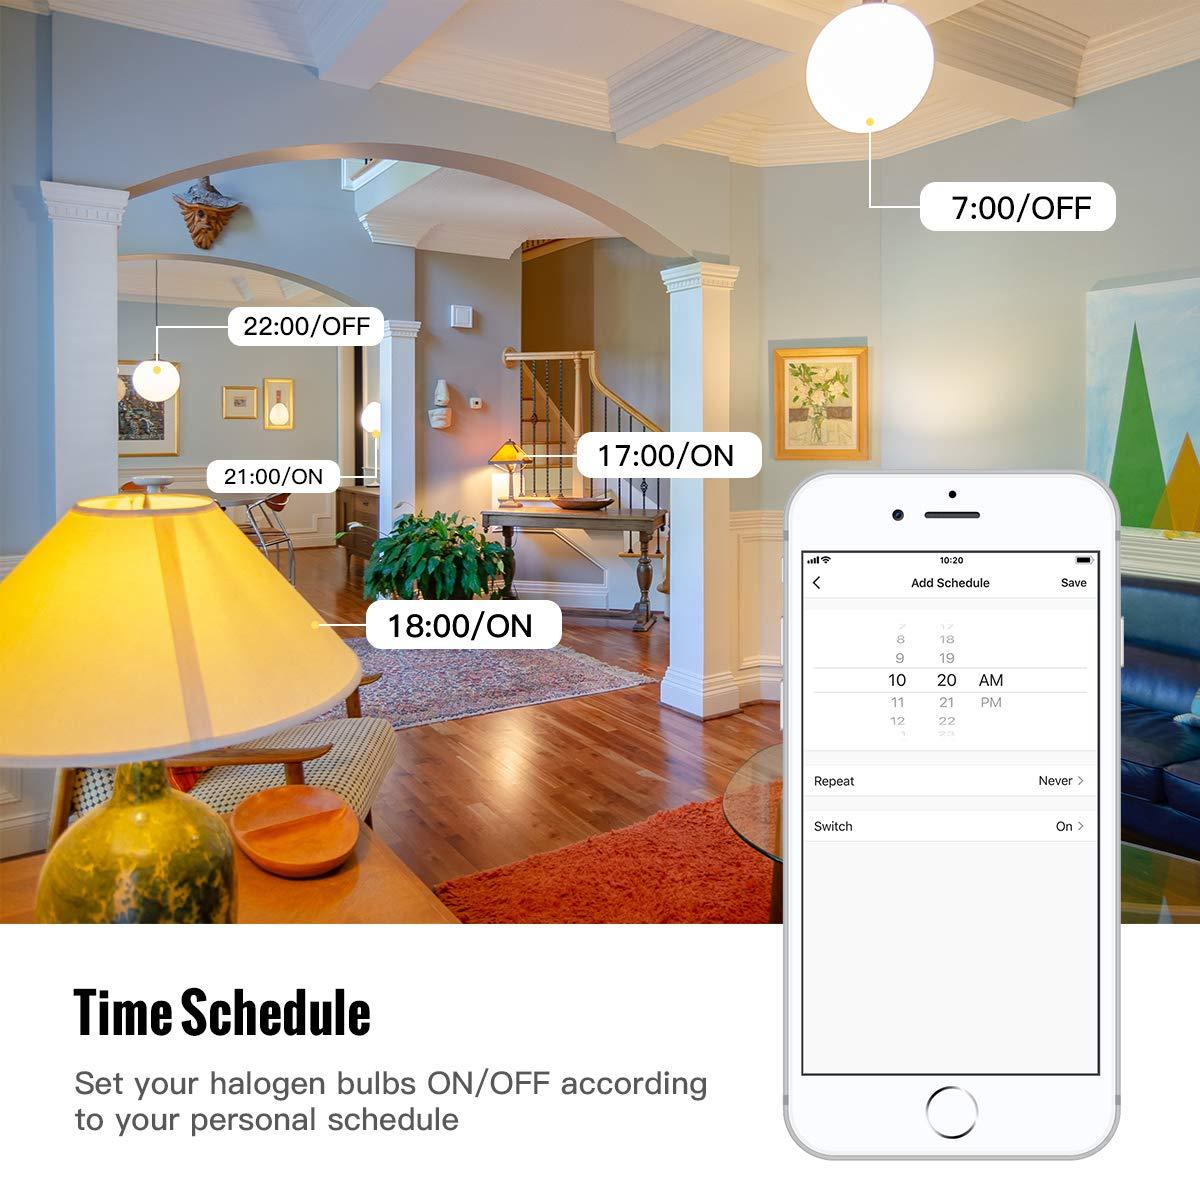 Amazon.com: GU10 Halogen Bulbs - Aoycocr 5W LED Light Bulbs ...